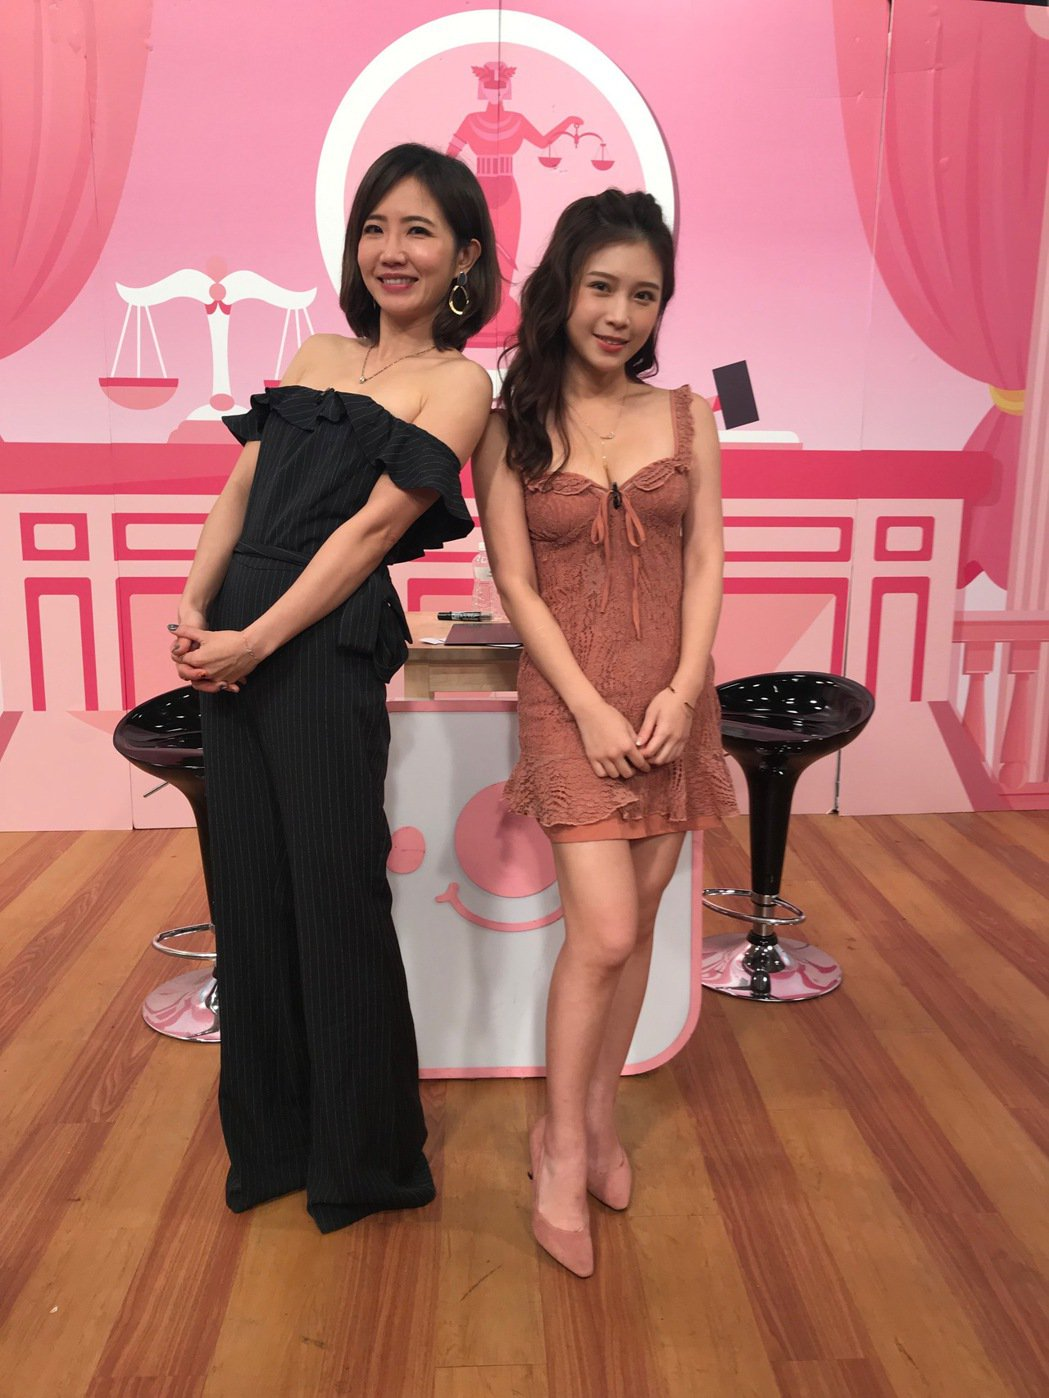 謝忻(左)上雞排妹主持的「學姊受不了」。圖/學姊受不了提供